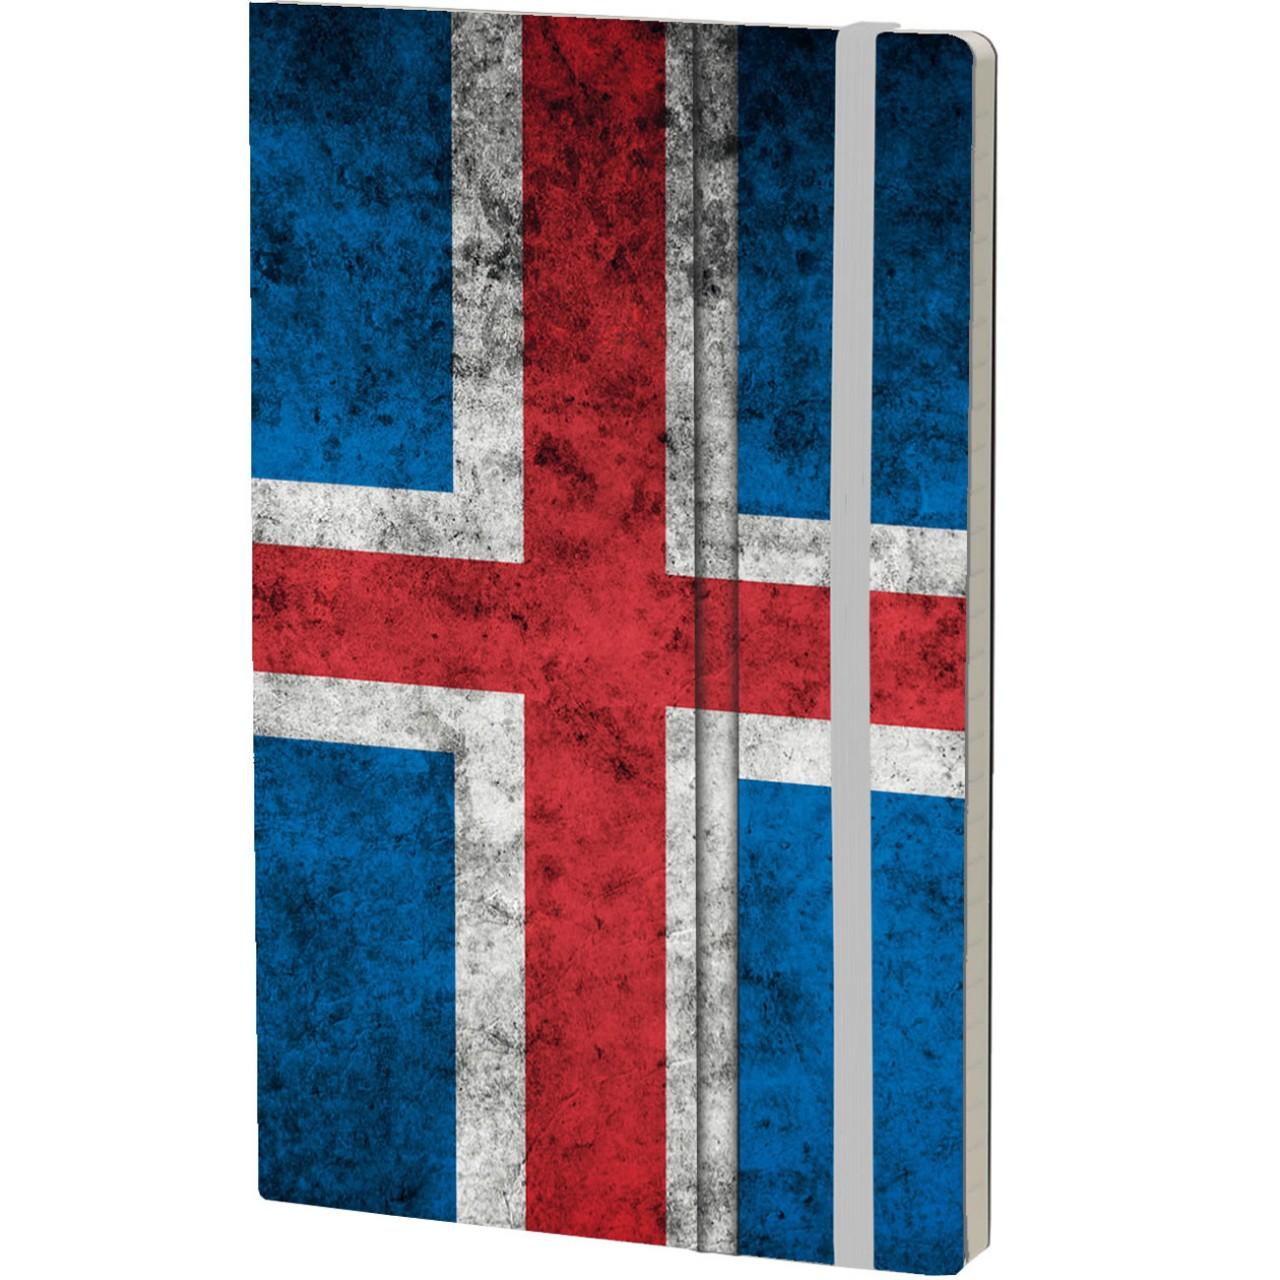 Stifflexible Notizbuch HISTORICAL NOTES 13 x 21 cm 192 S., LANDI ELDS OG ÍSA (Iceland Flag)